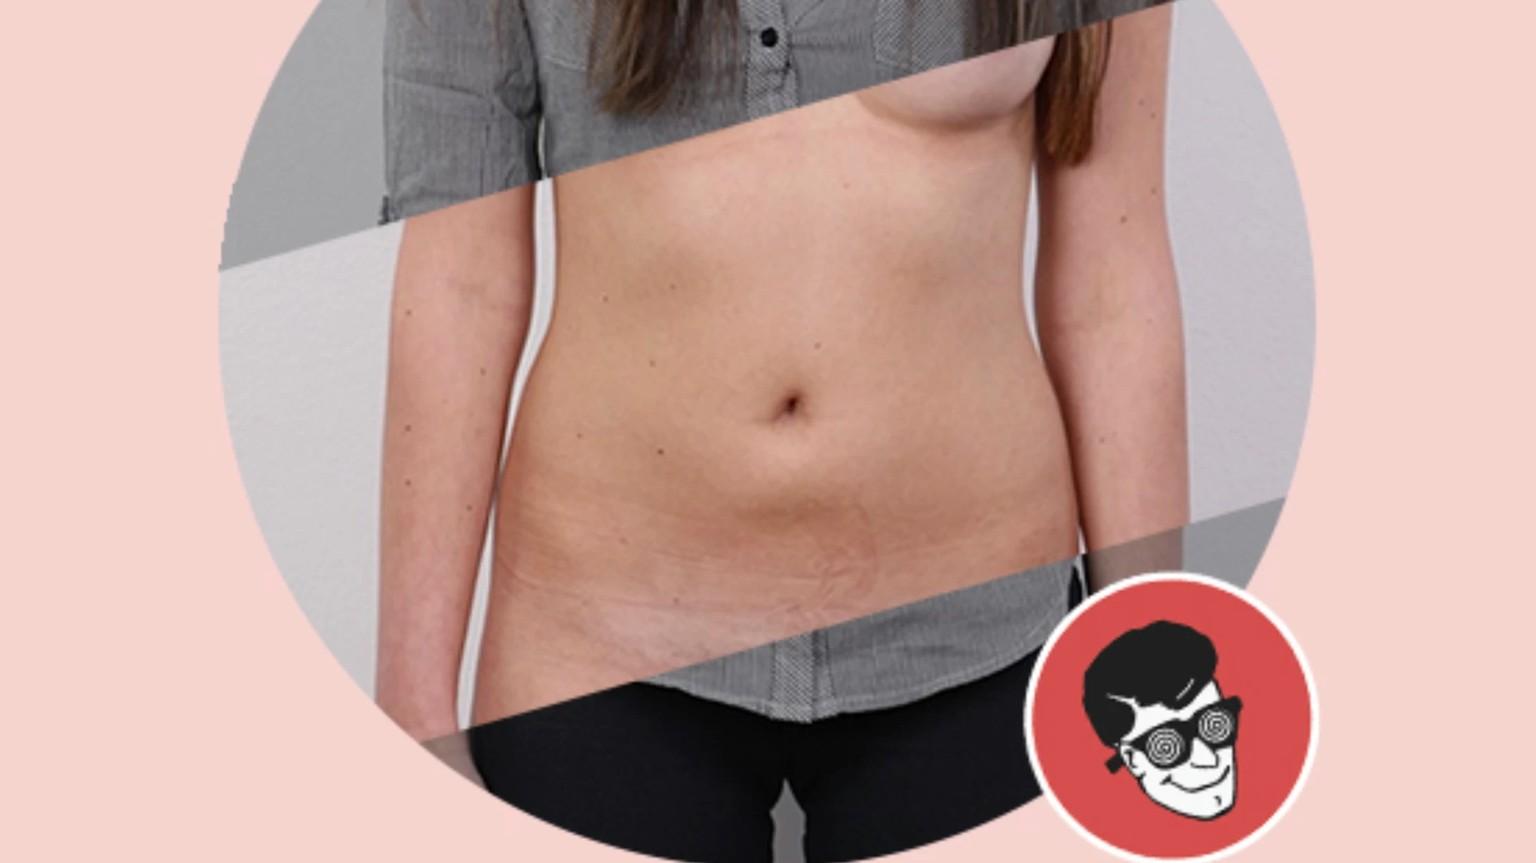 Verkaufen nacktbilder Warum erotische